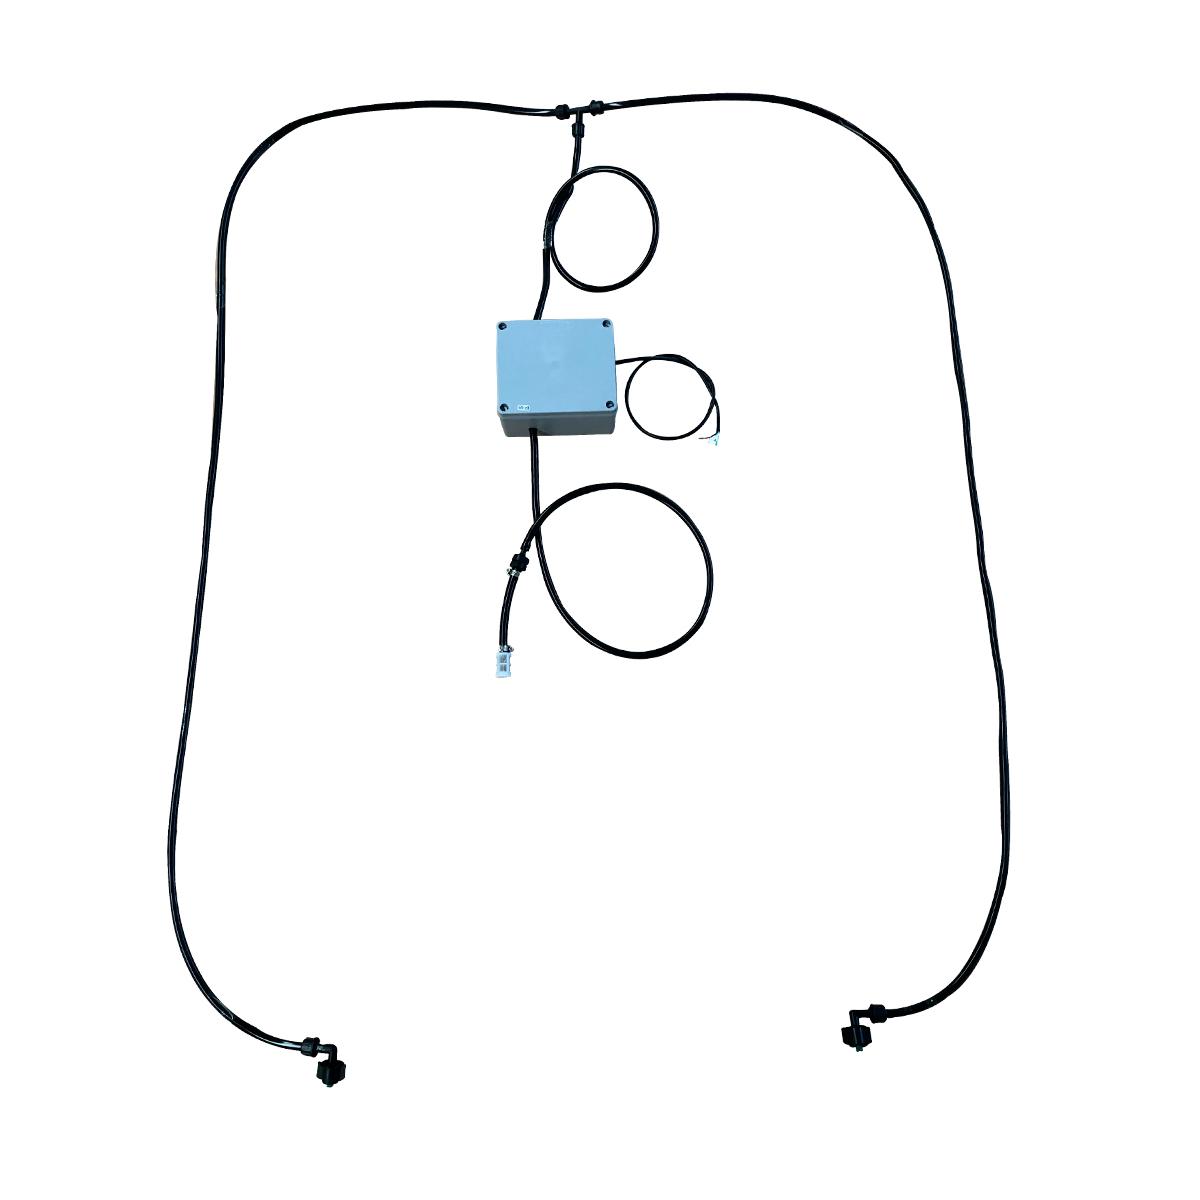 Kit Para Aplicação De Inoculante 2 Bicos Sem Reservatório